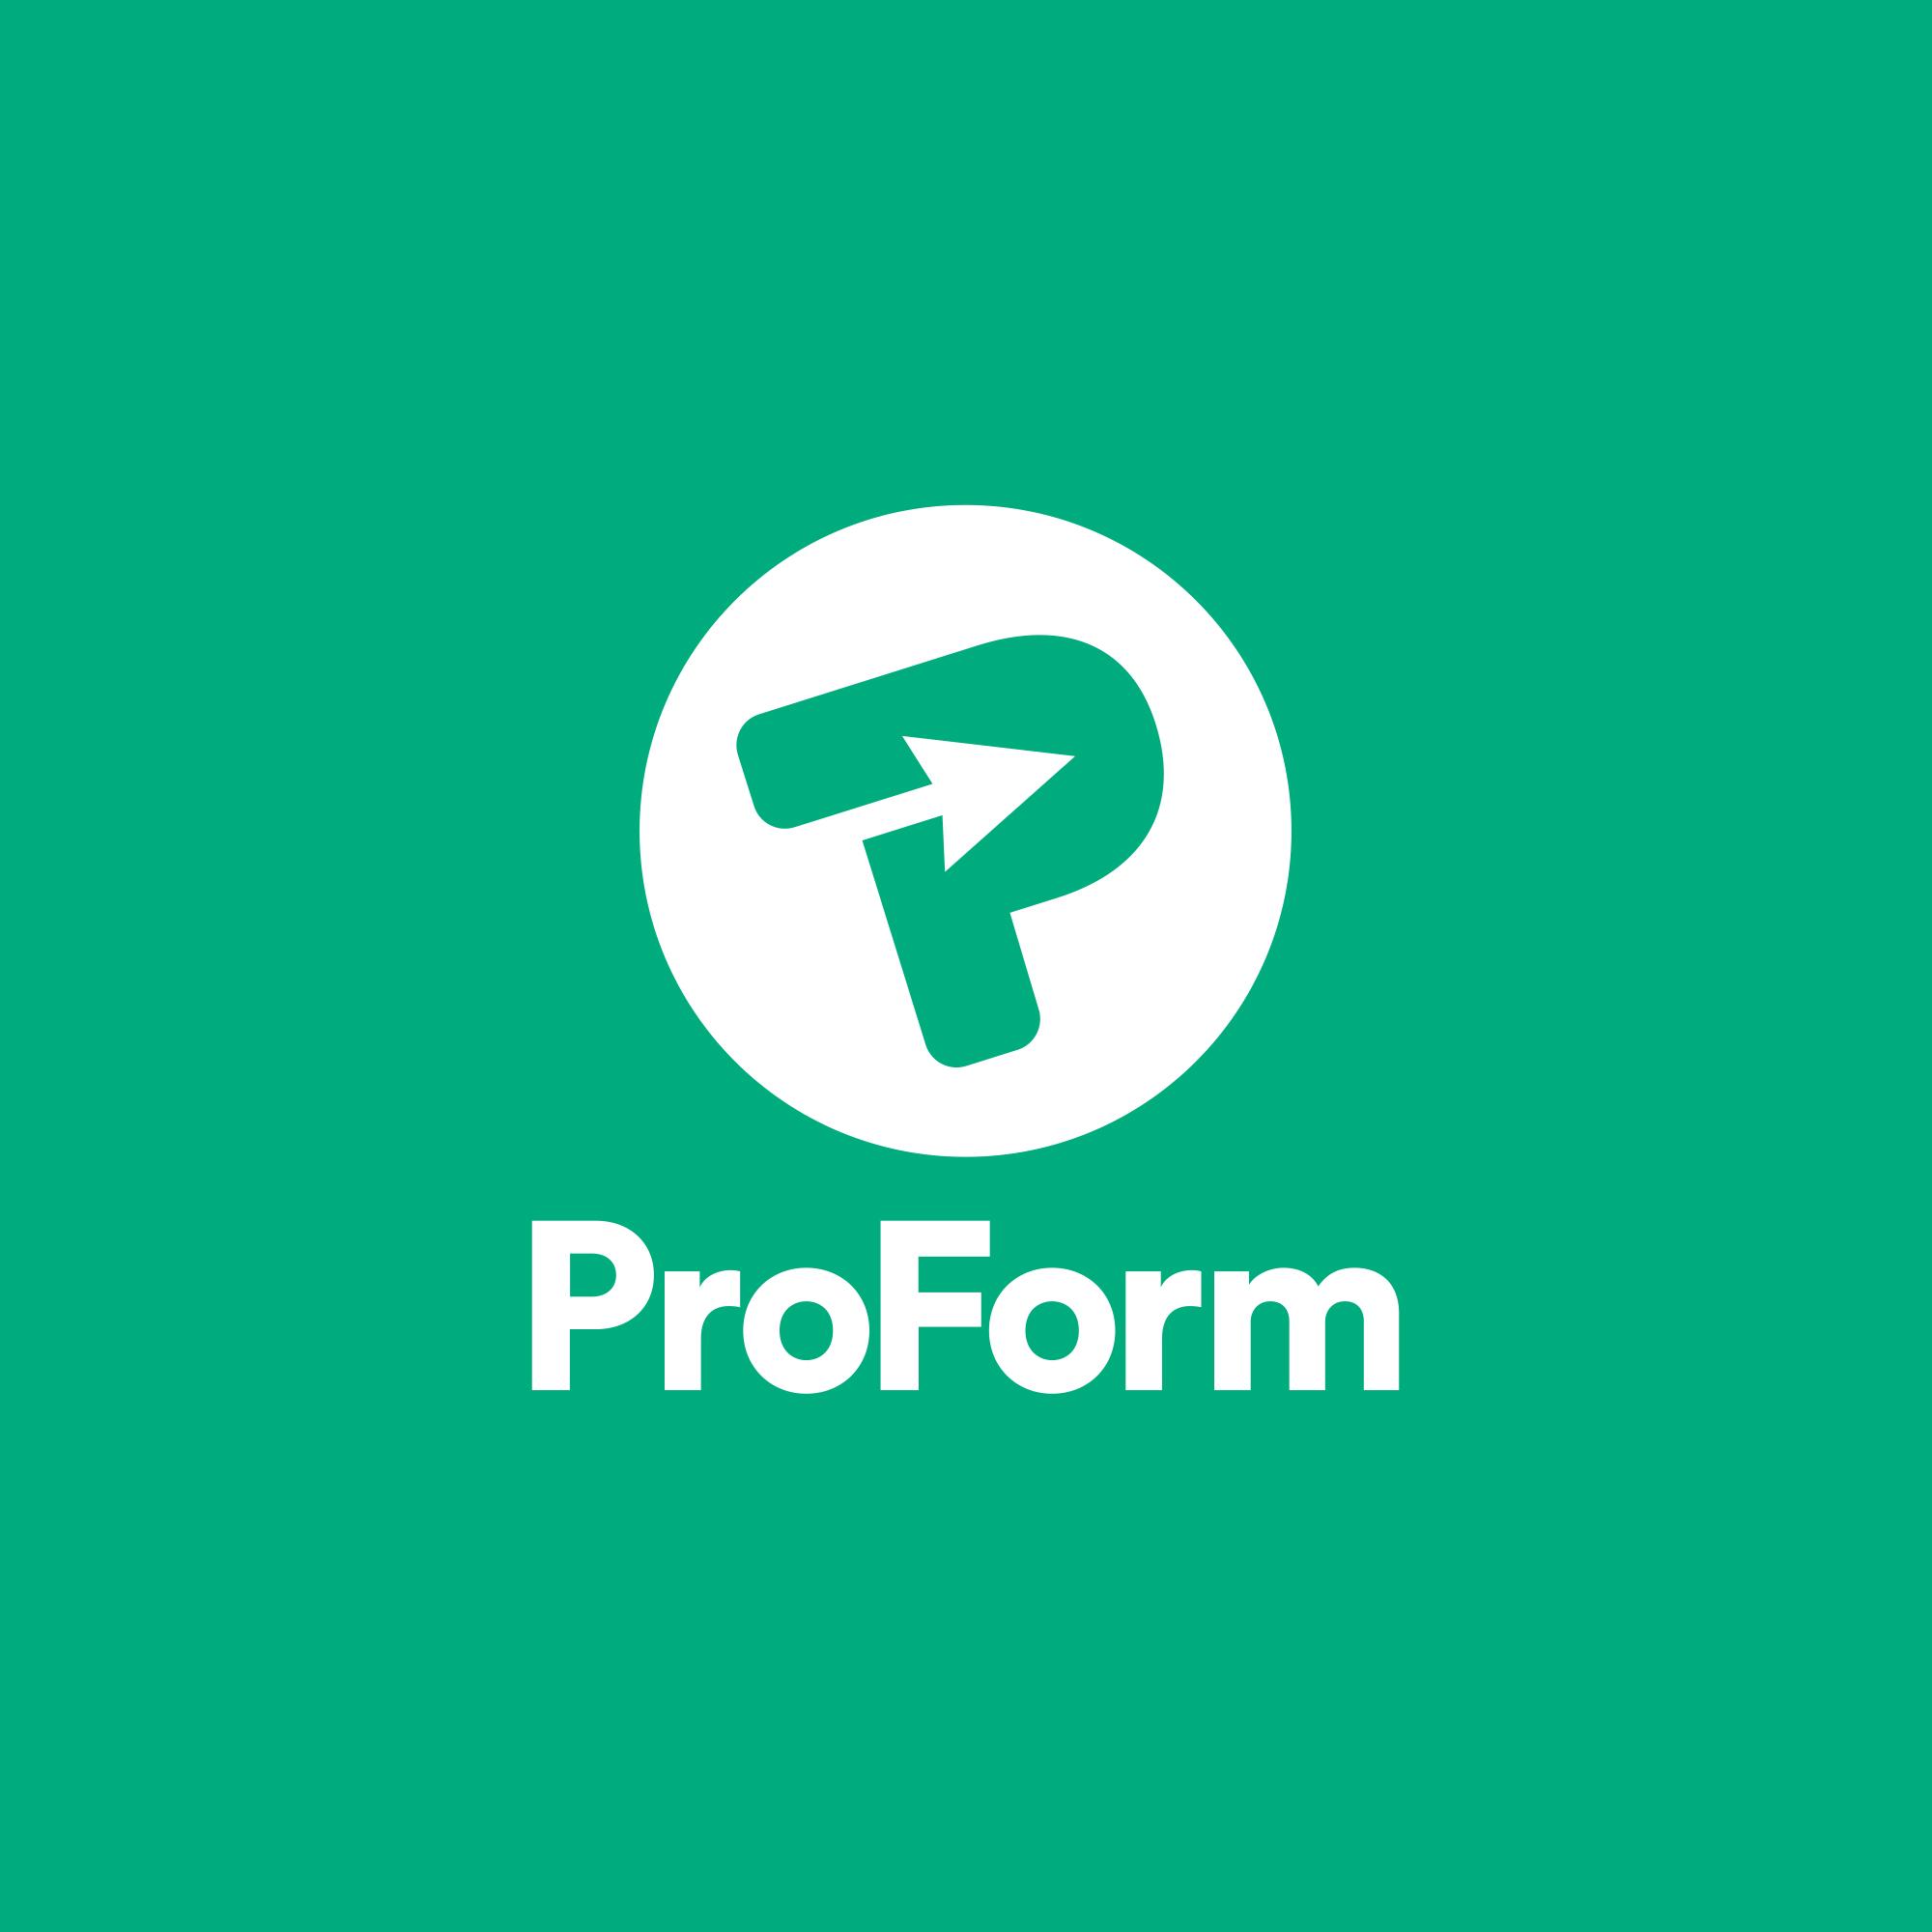 Logo design for ProForm